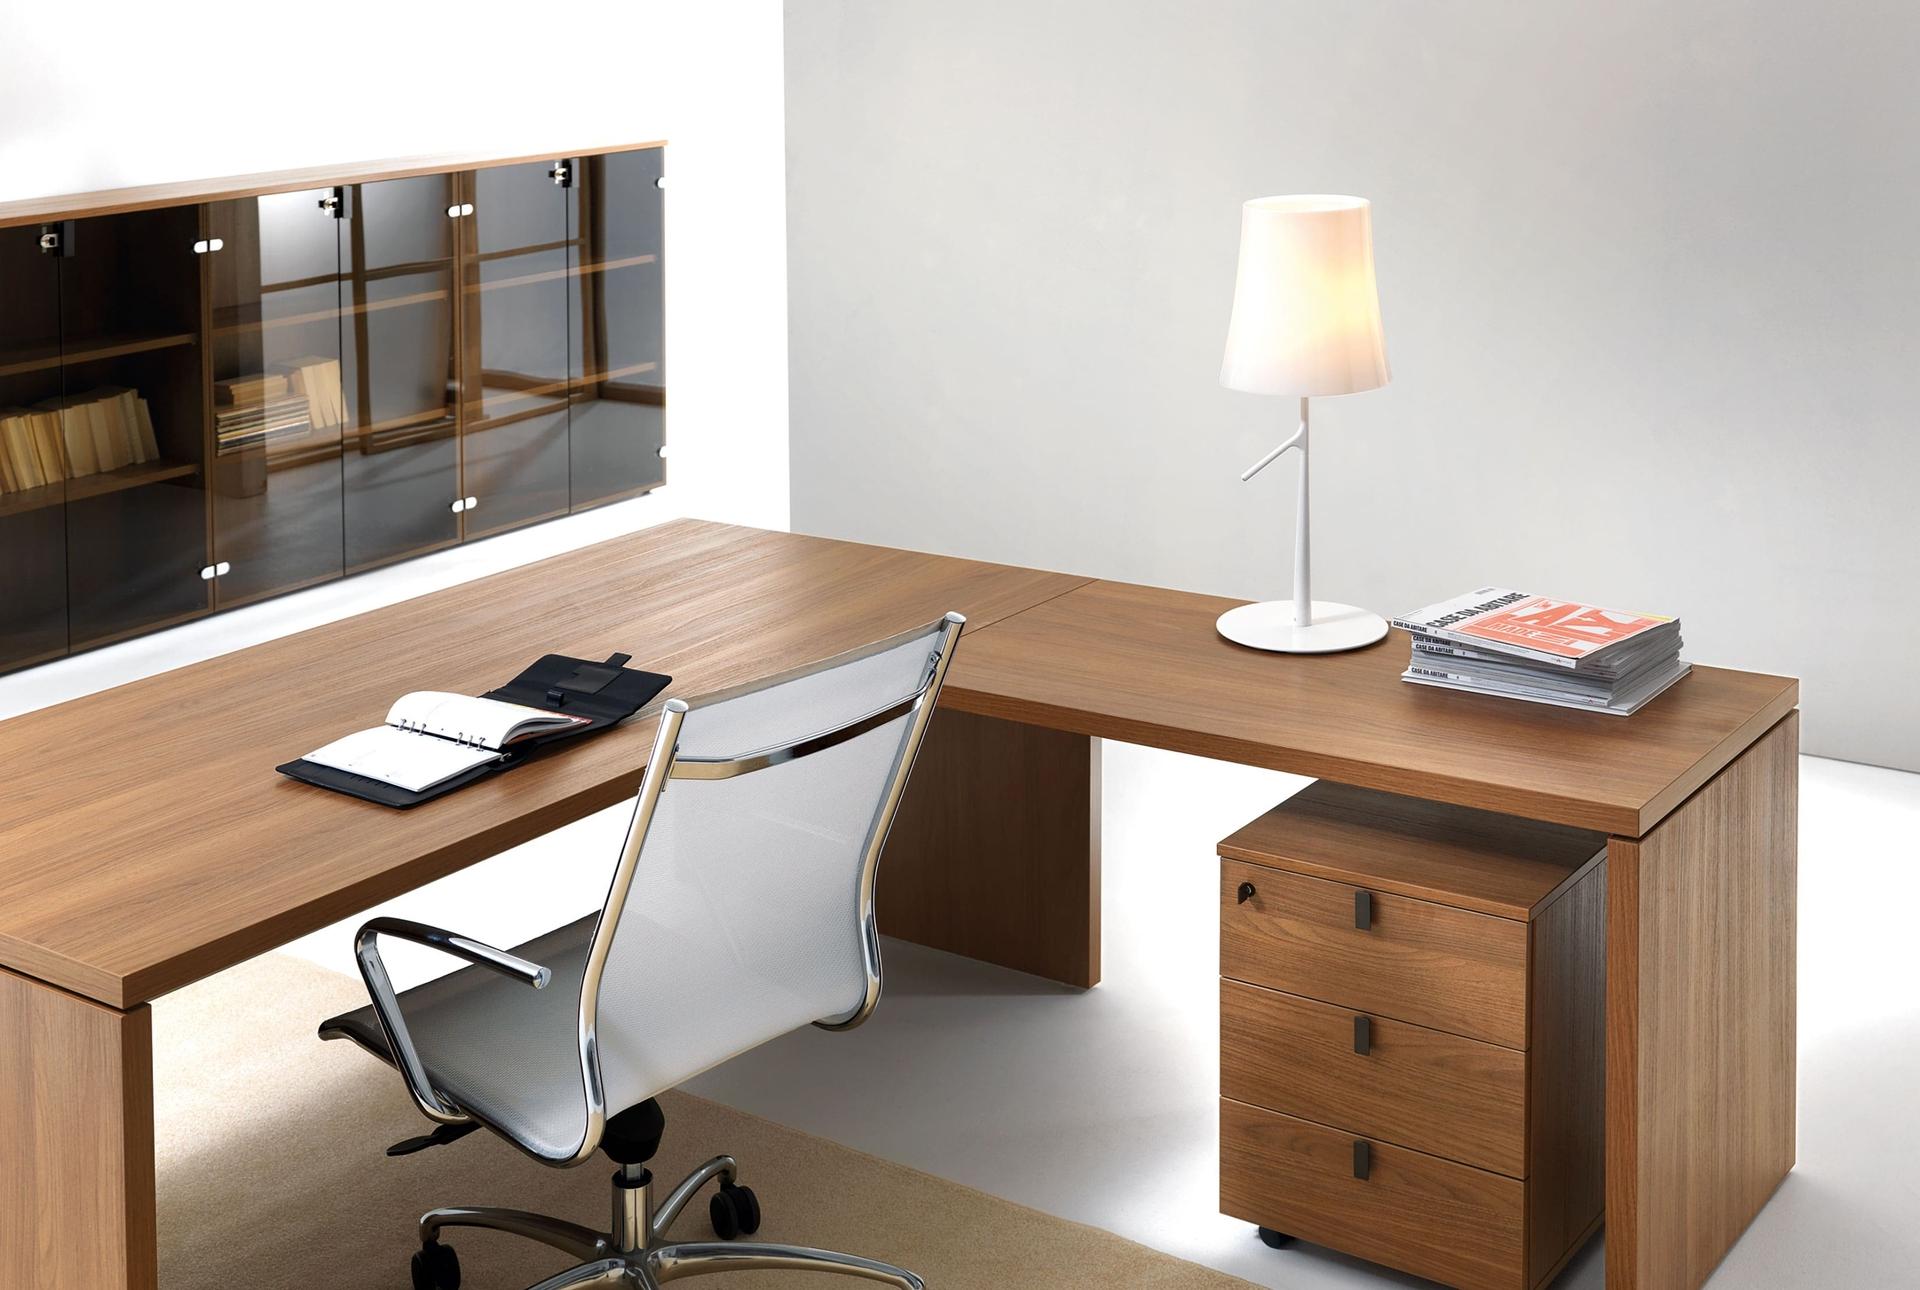 Угловой стол - отличное решение для маленького офиса